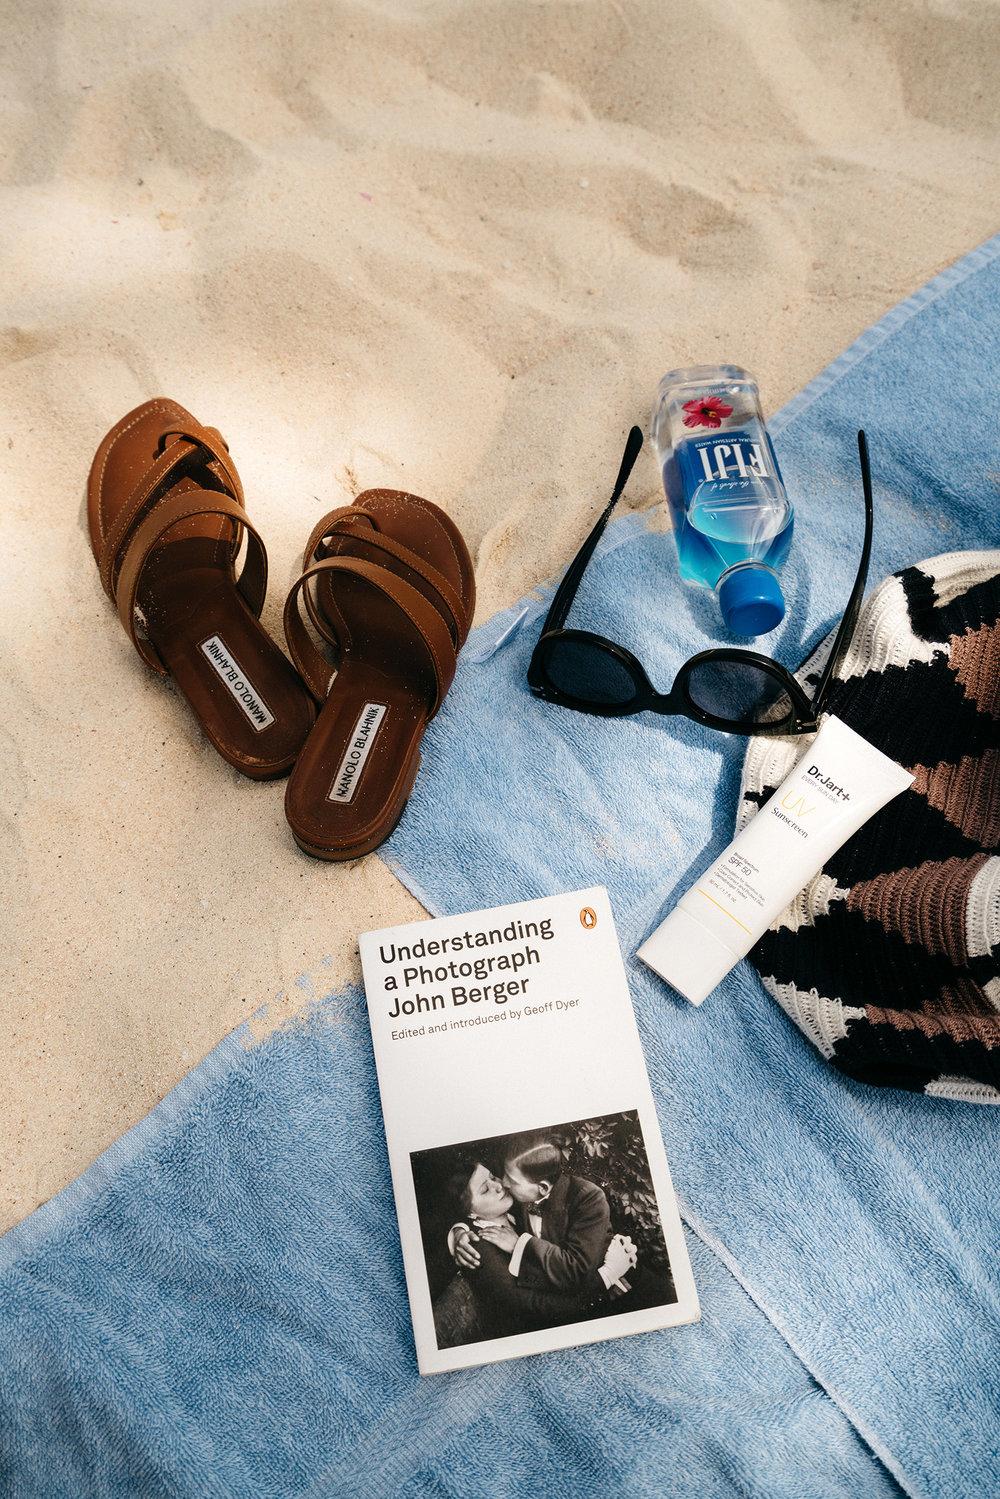 Manolo Blahnik Sandals, Céline Sunglasses, Dr. Jart Sunscreen,Sophie Anderson Bag,Understanding a Photograph